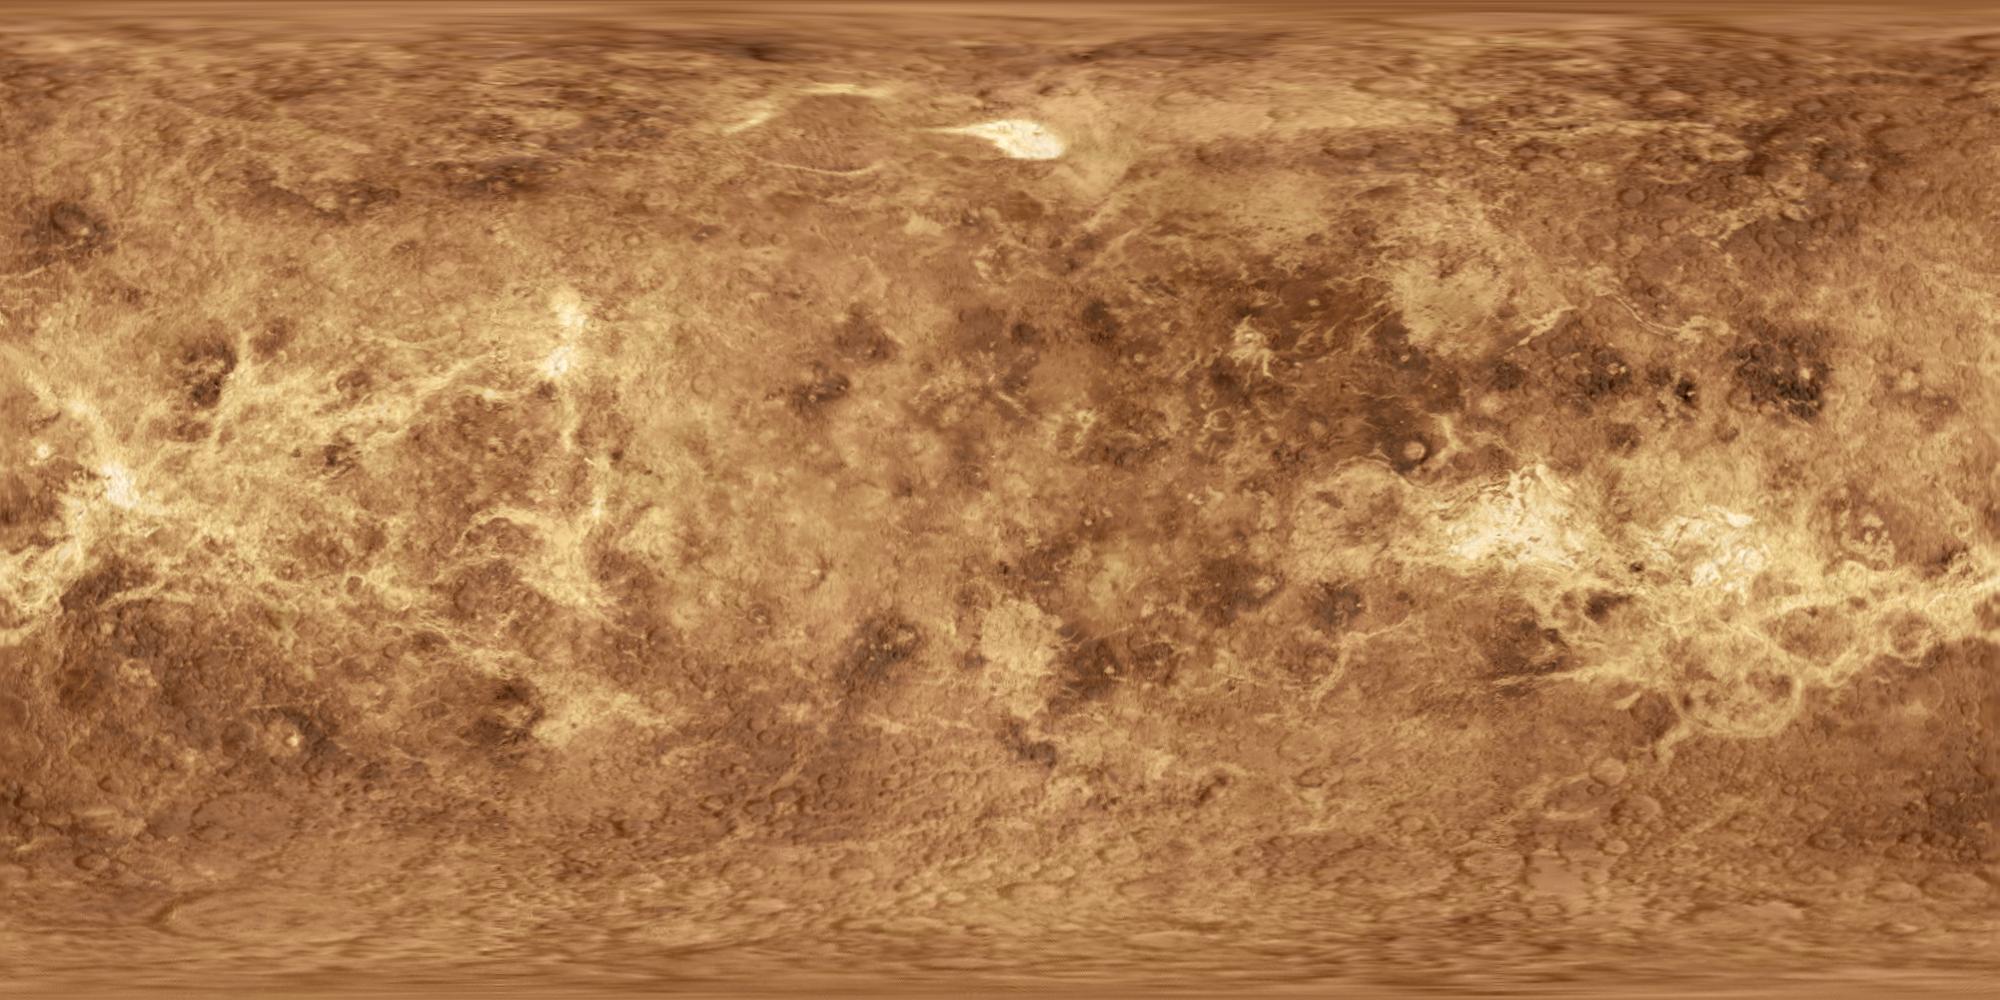 Venus | Planet Texture Maps Wiki | FANDOM powered by Wikia